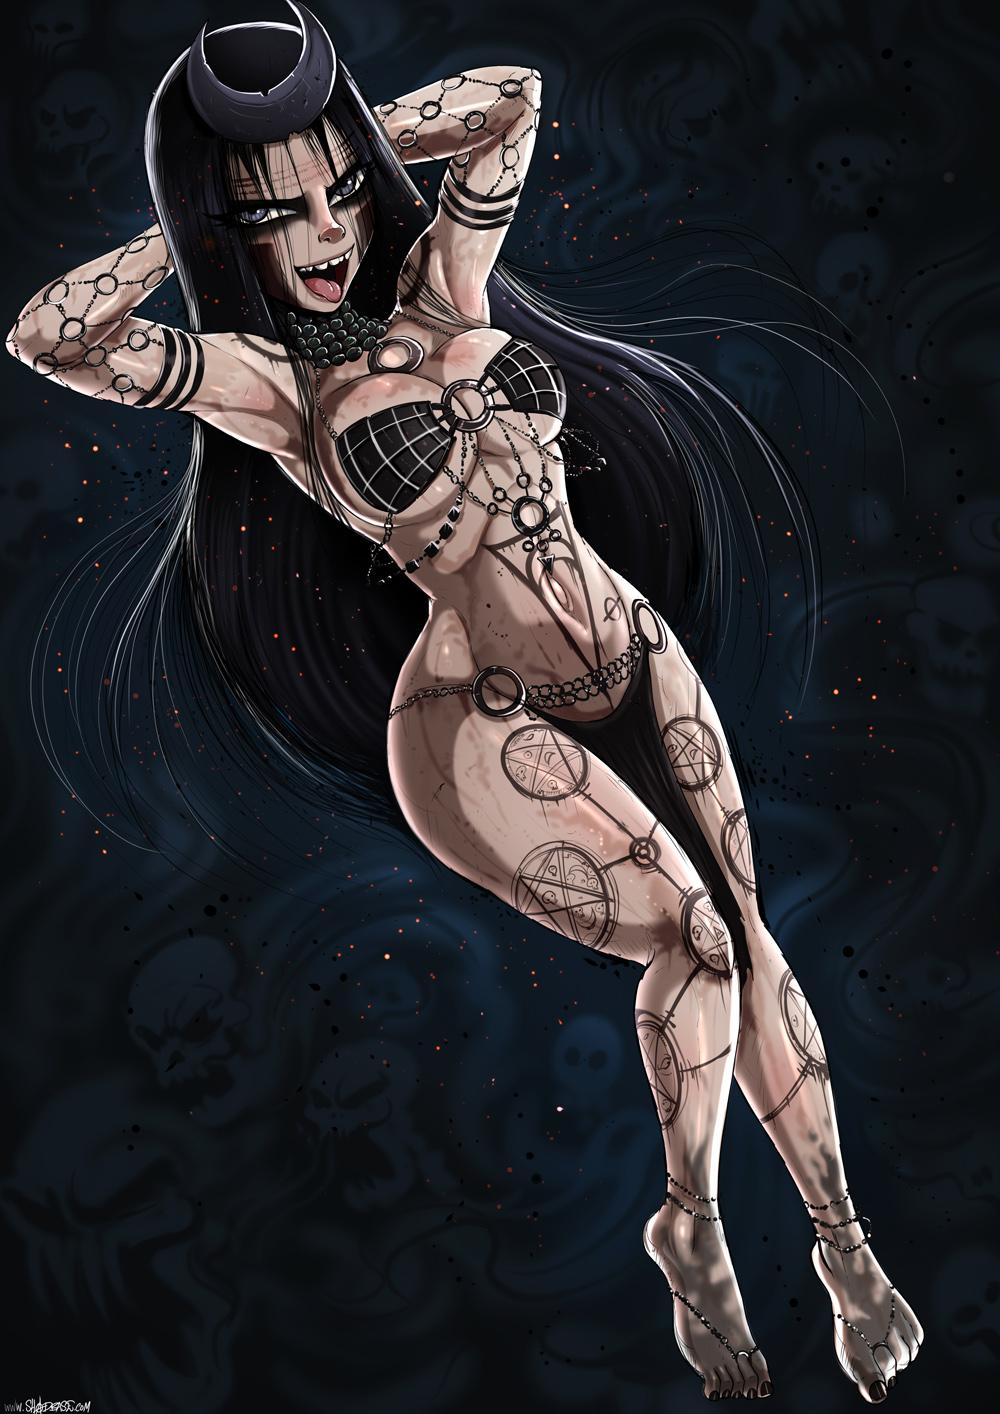 nudity to squad hell pay suicide Kara zor-el nude